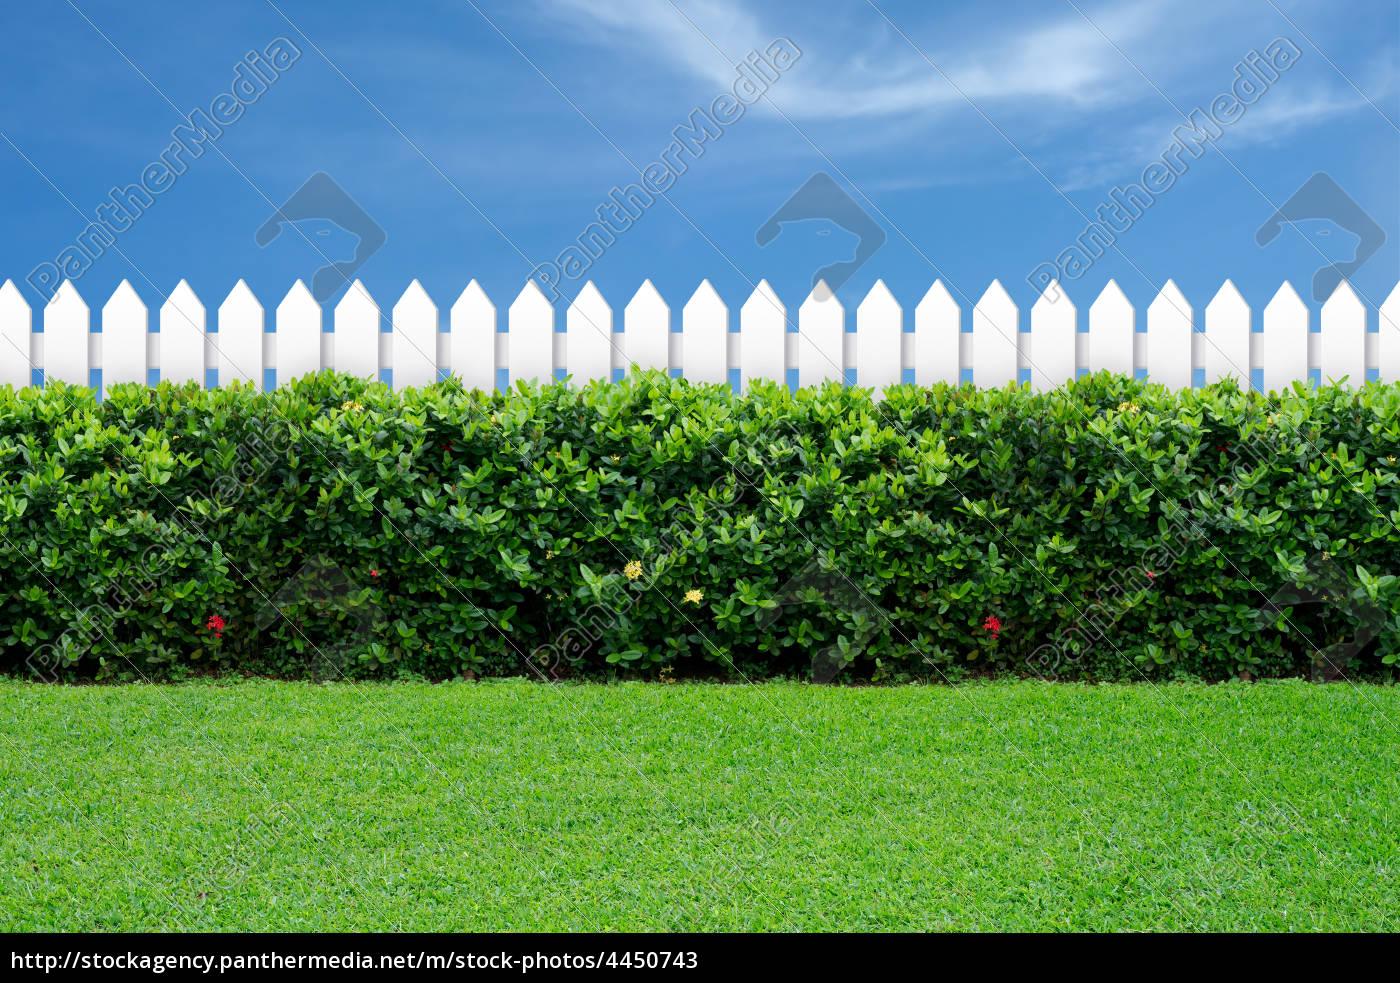 weißer zaun und grünes gras - stockfoto - #4450743 - bildagentur